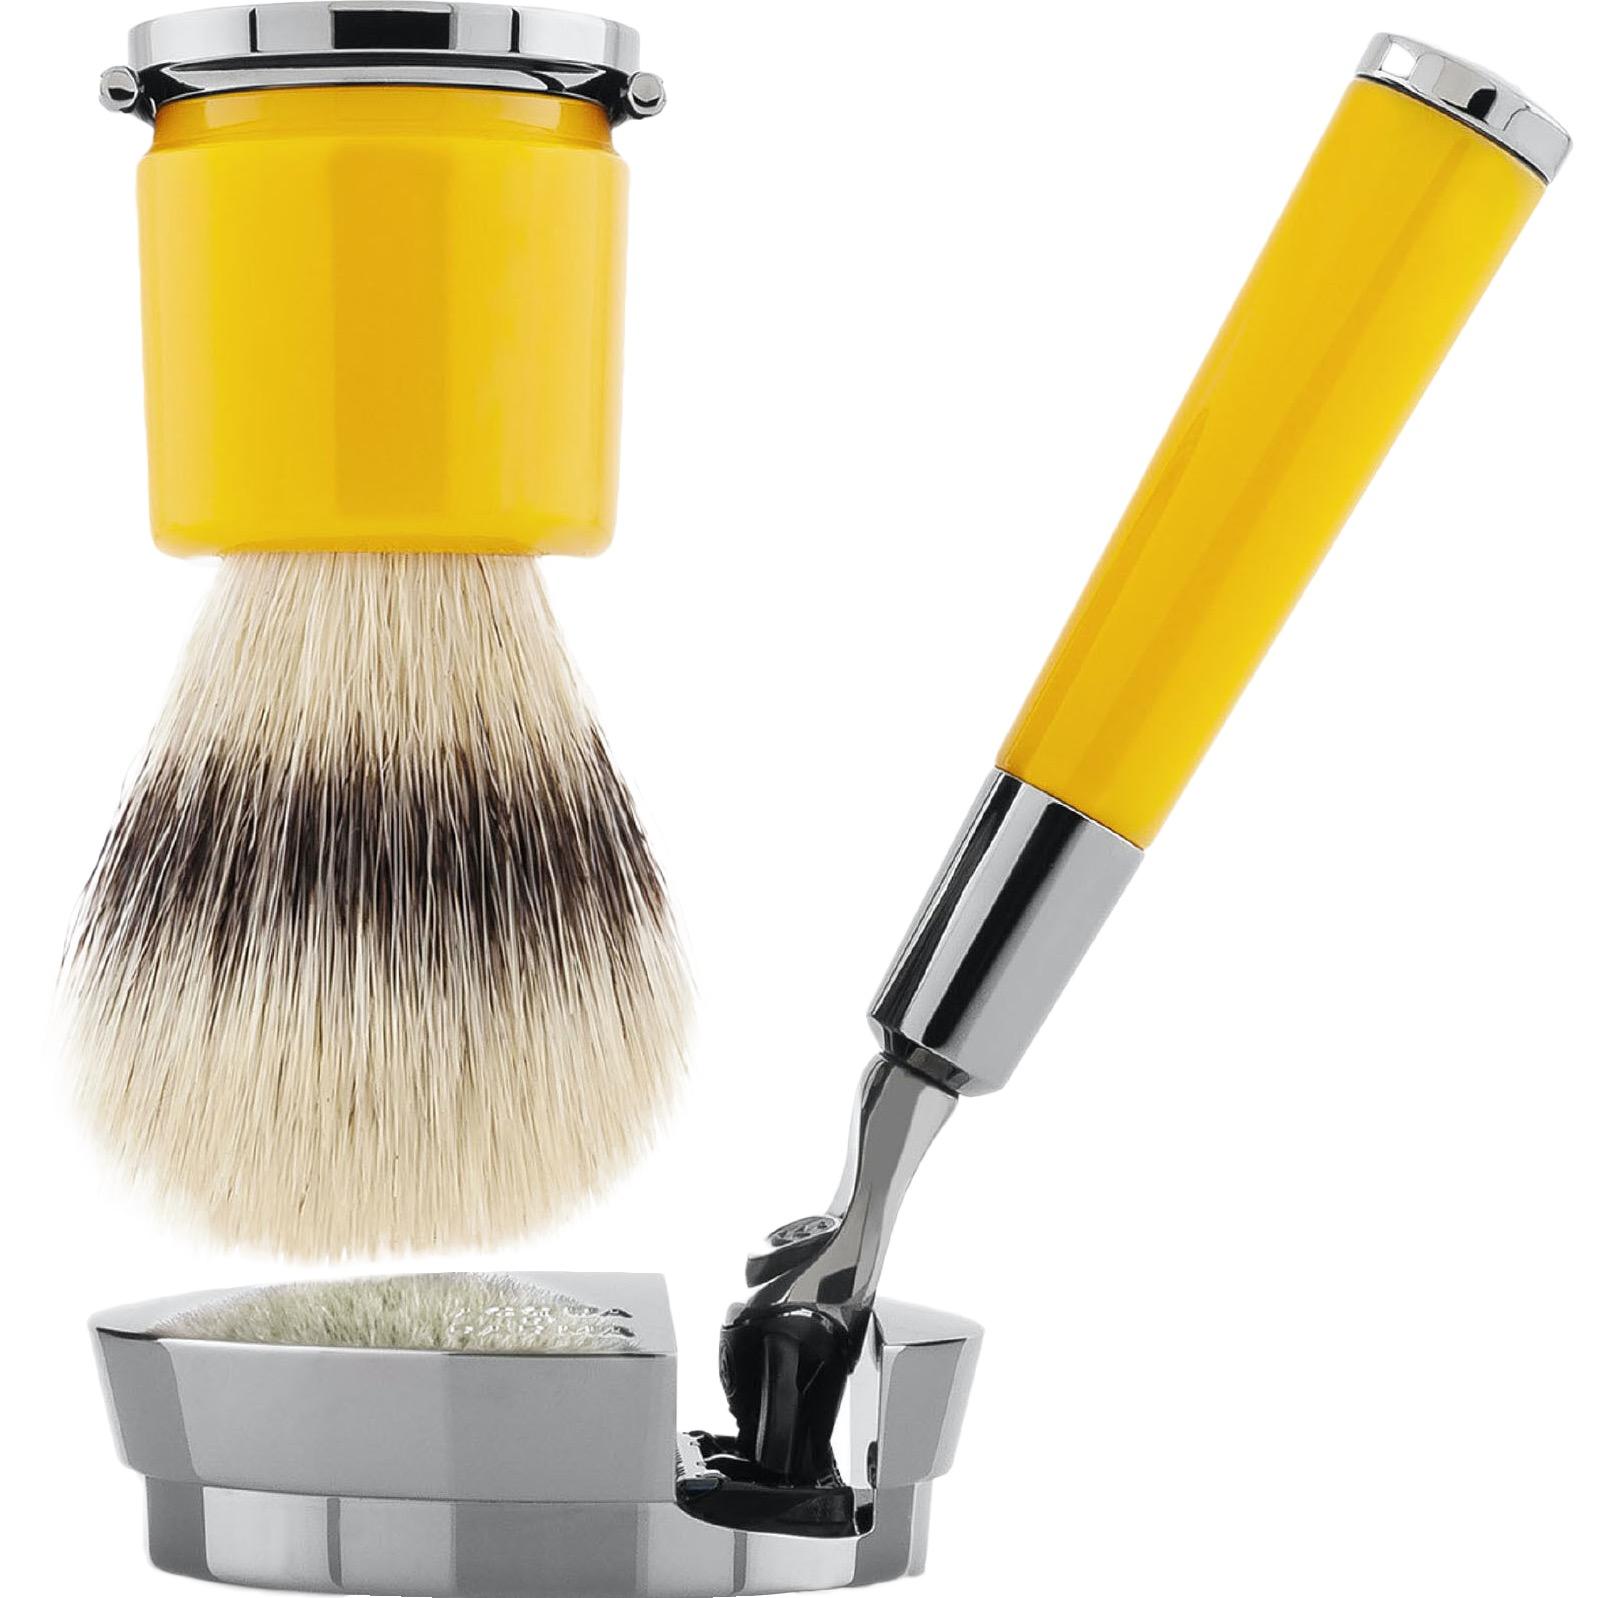 Scheerset Fusion Deluxe - Silvertip Fibre - yellow